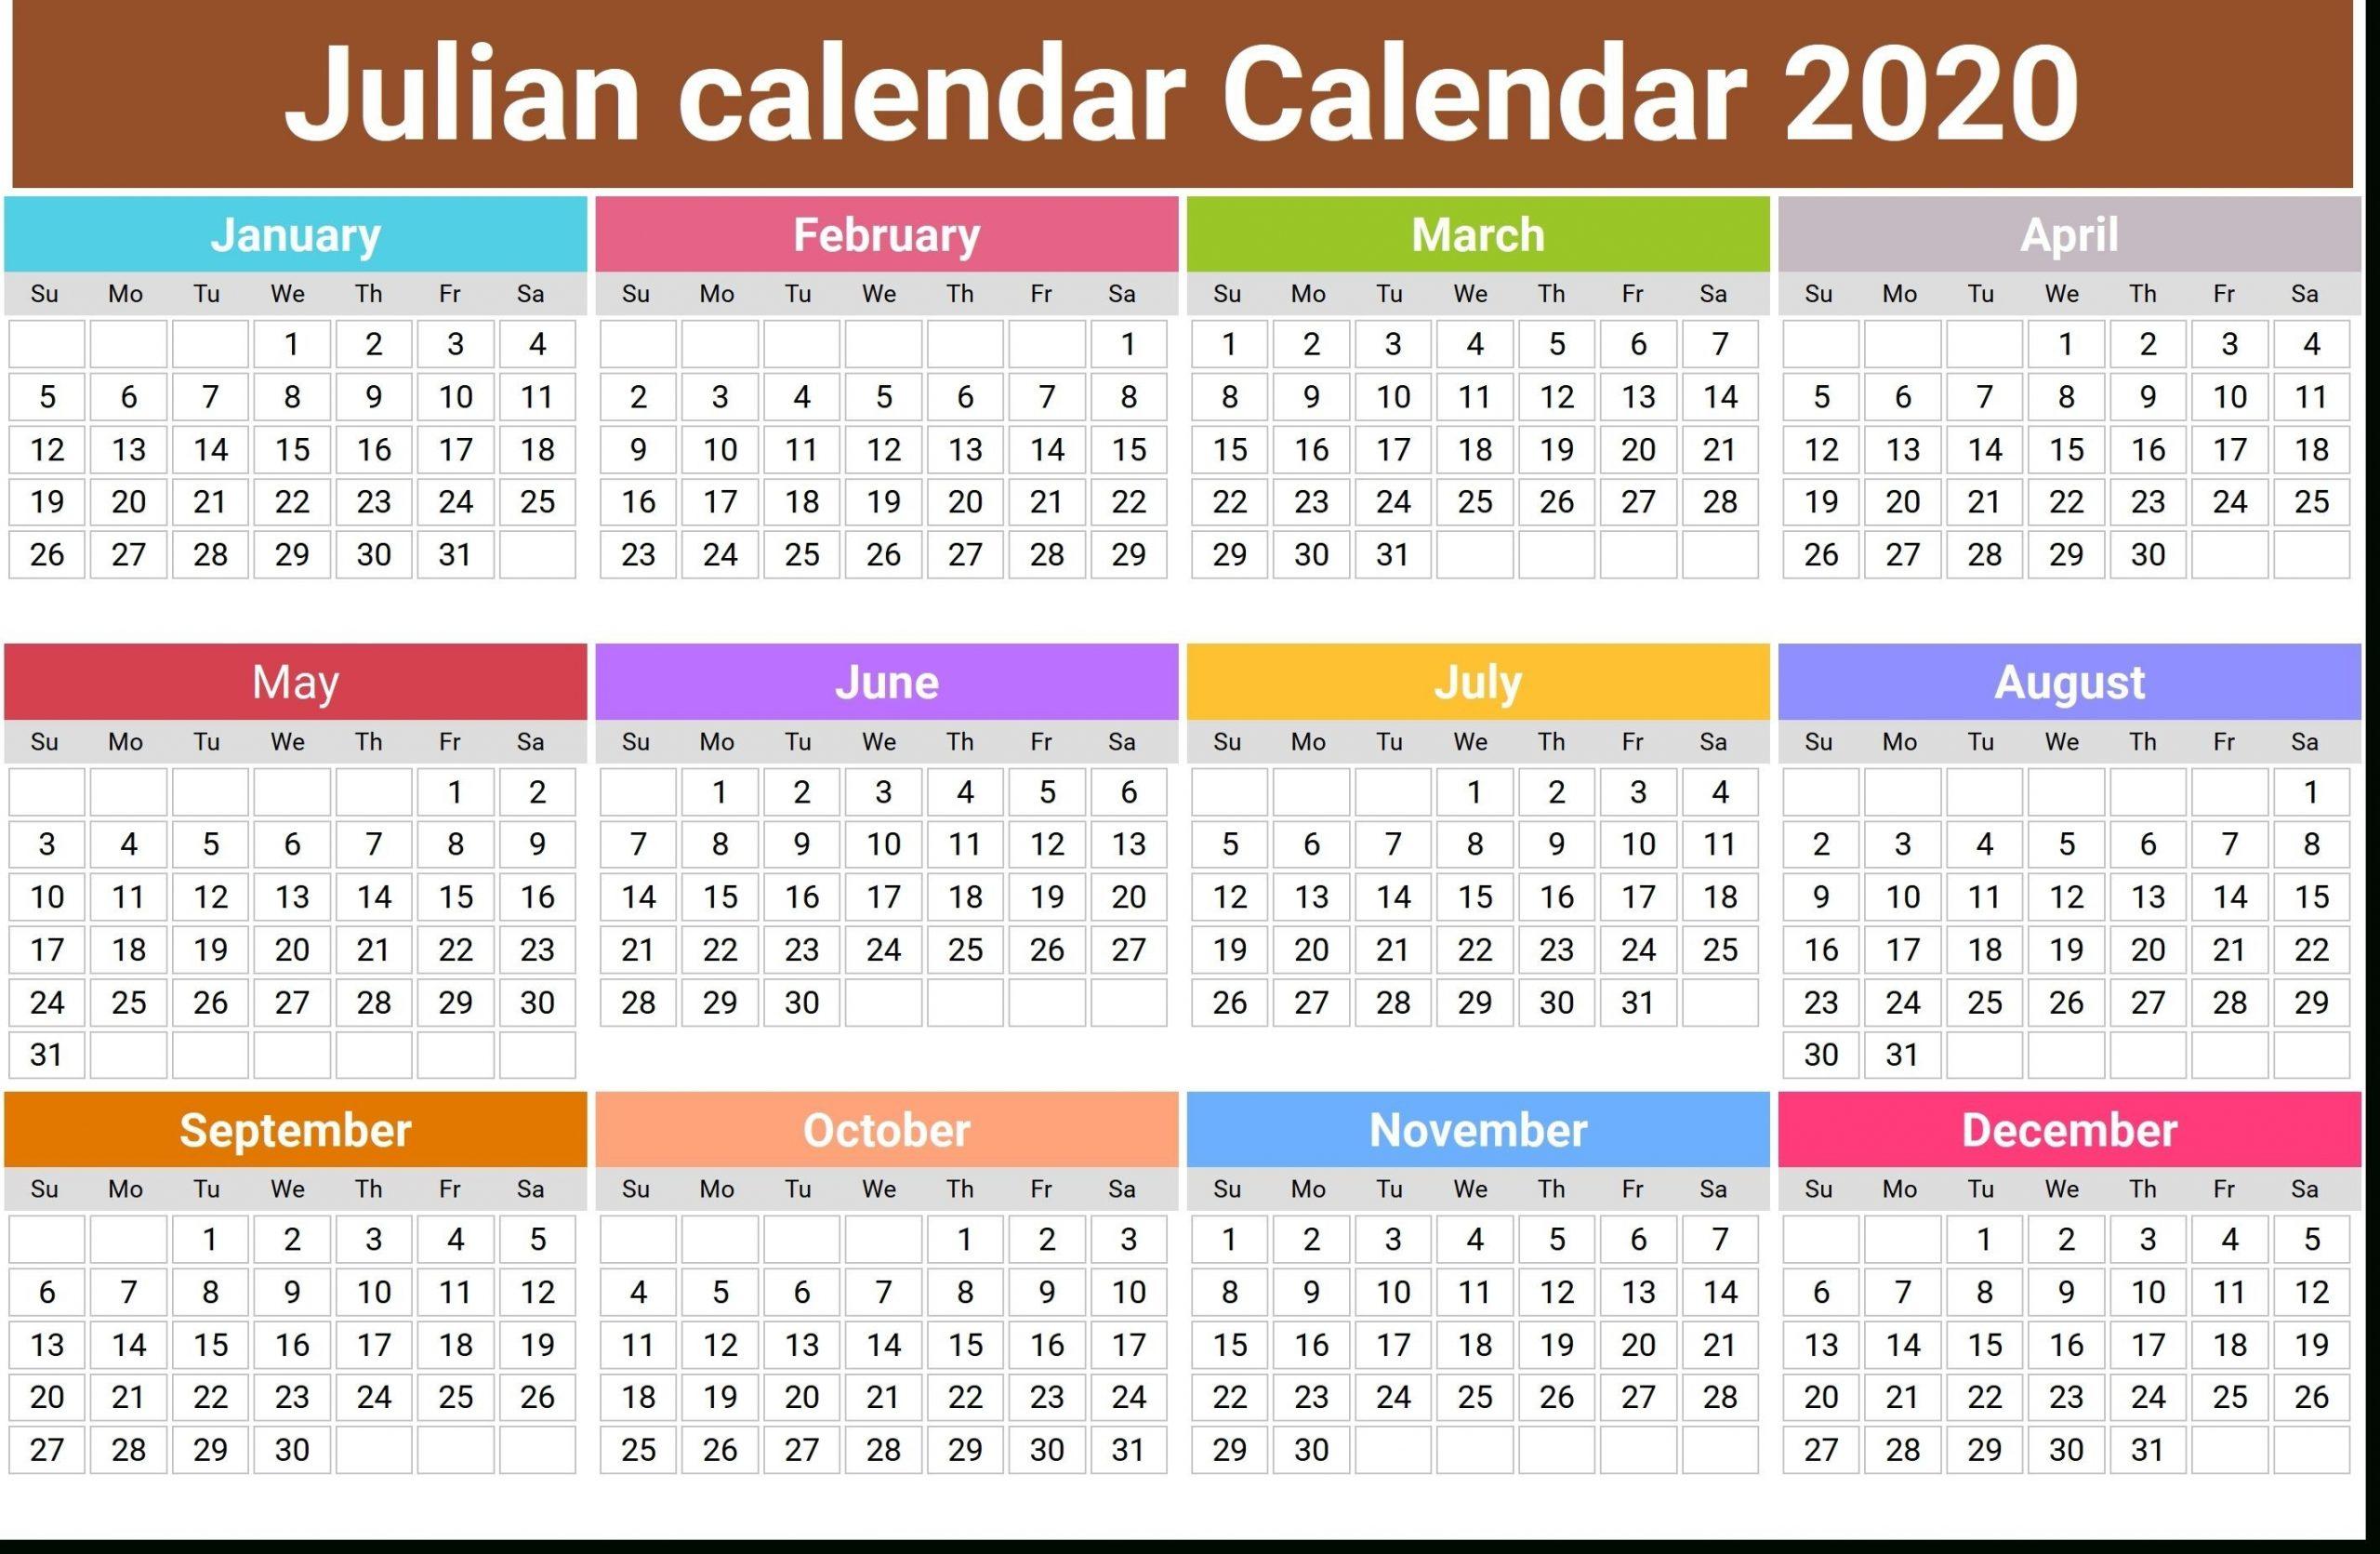 Weekly Calendar Time Slots Printable - Template Calendar